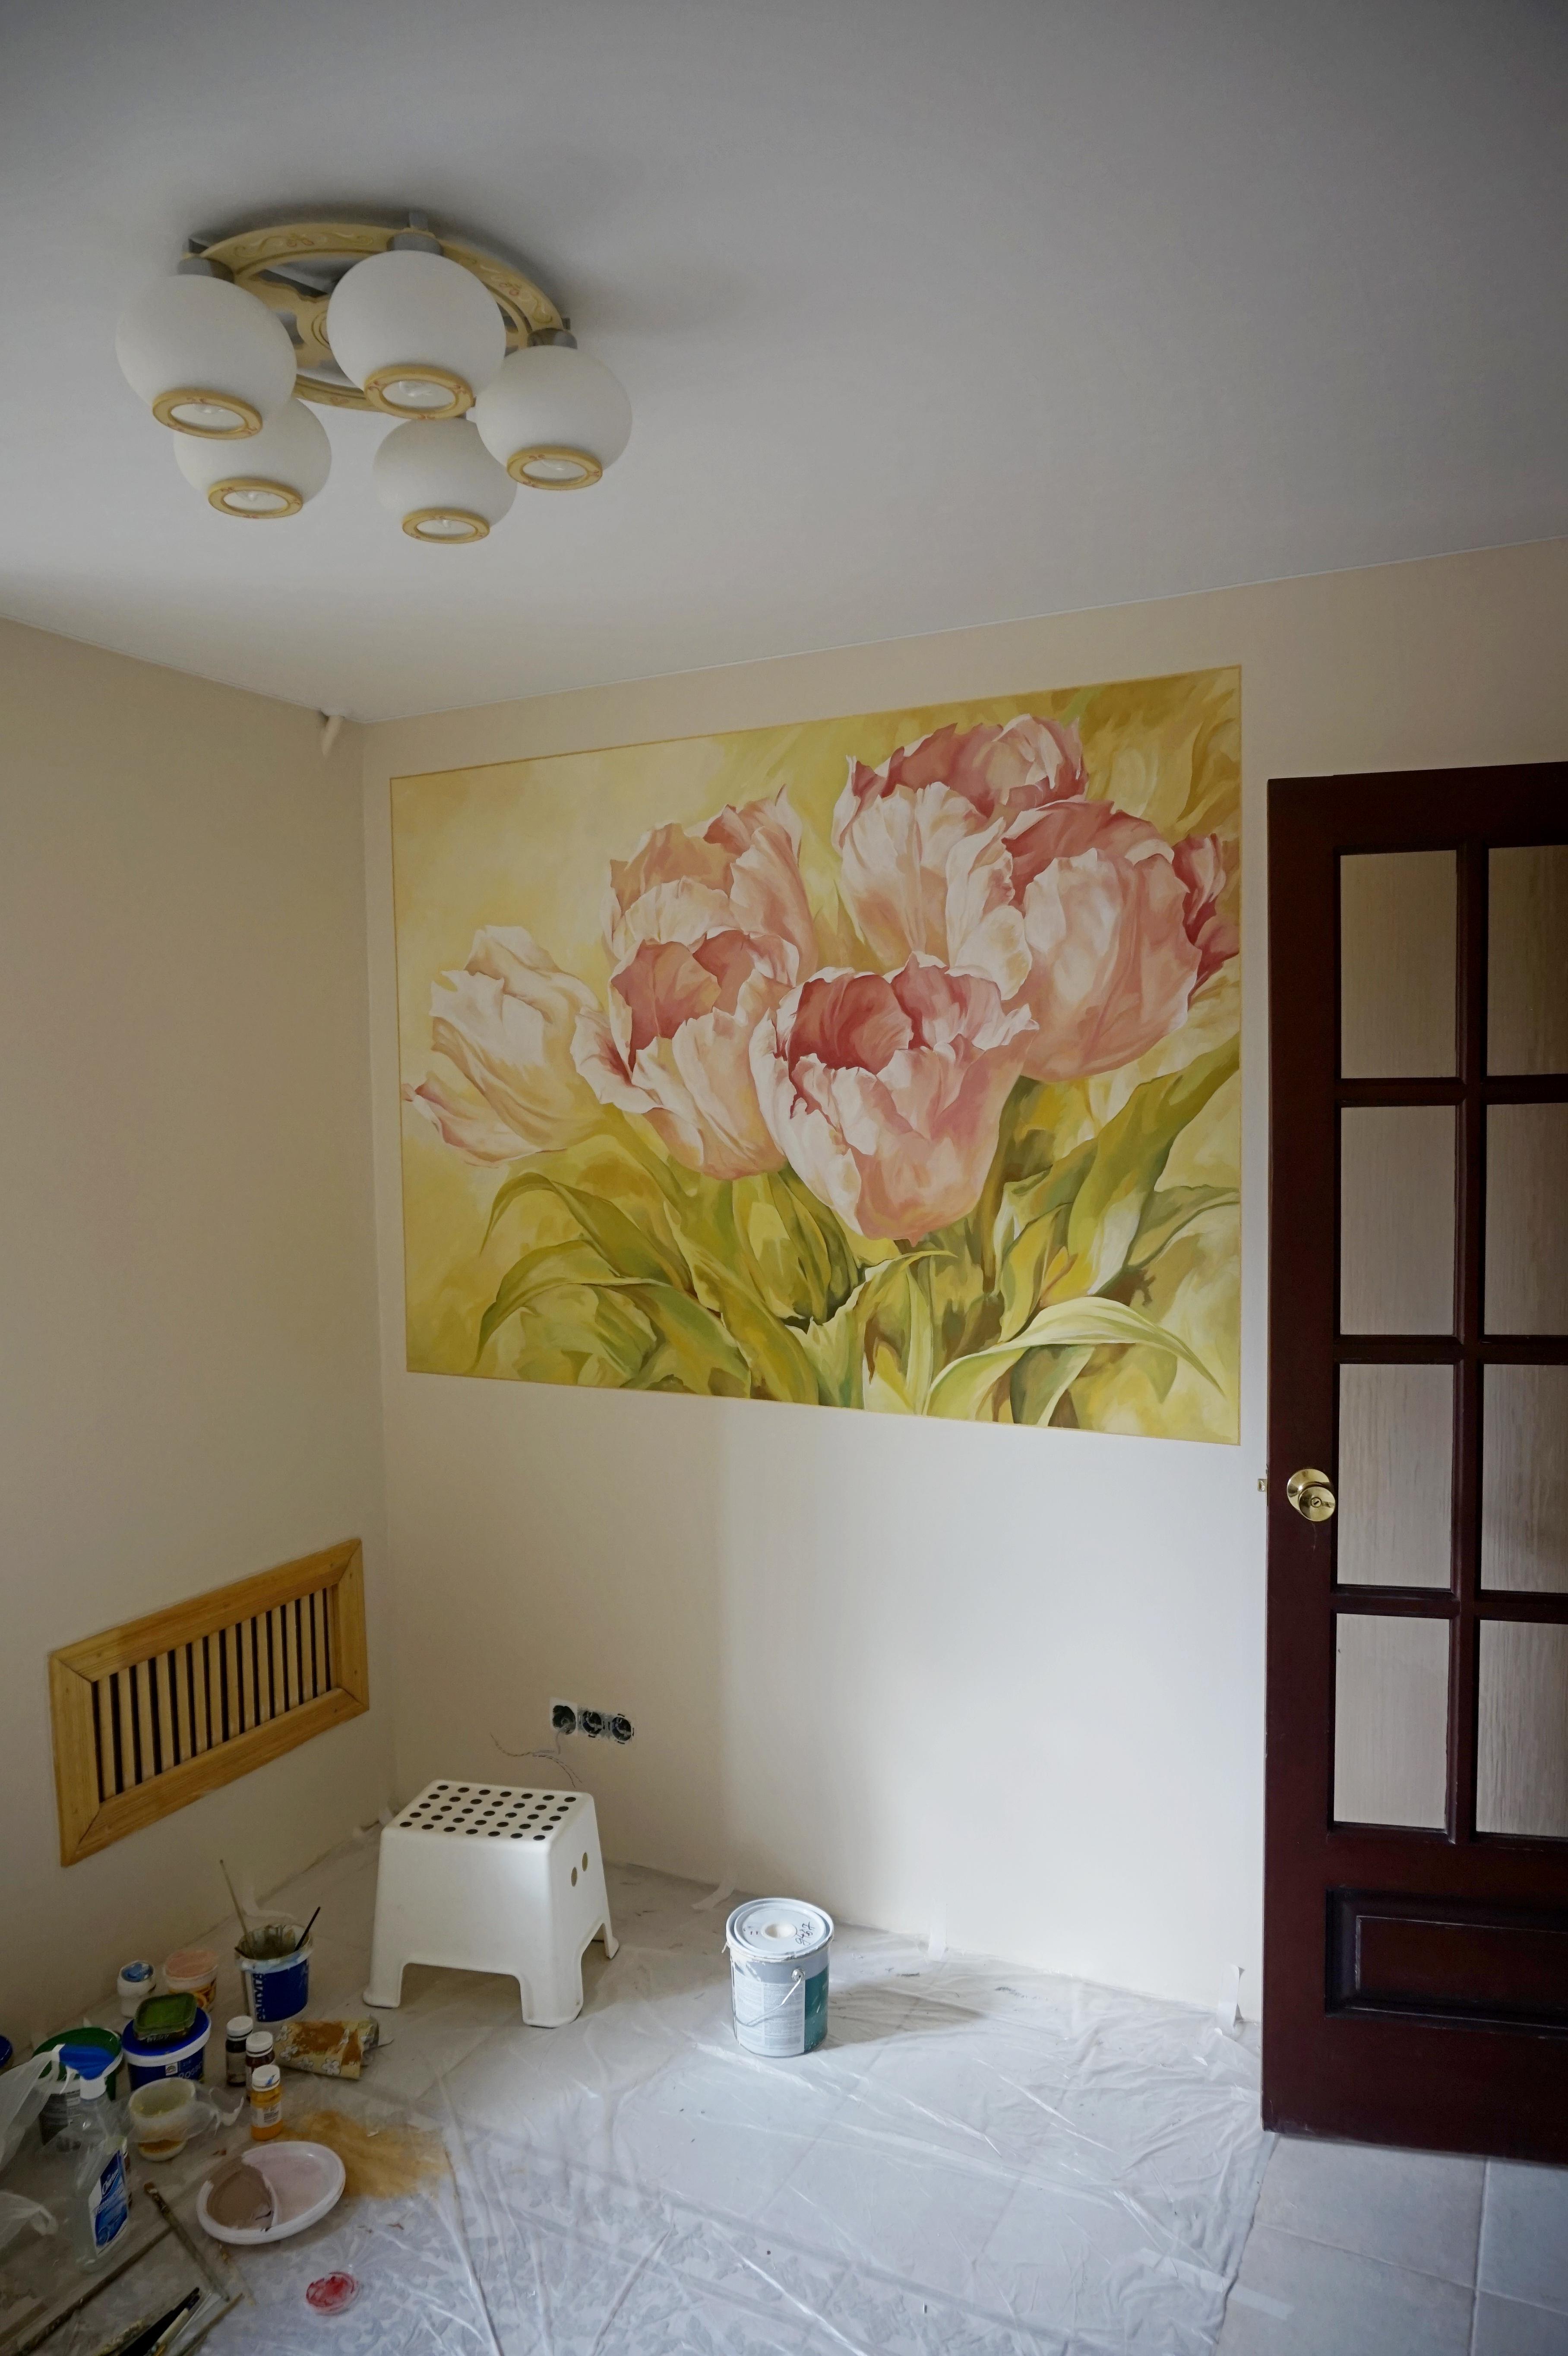 Тюльпаны. Роспись на кухне